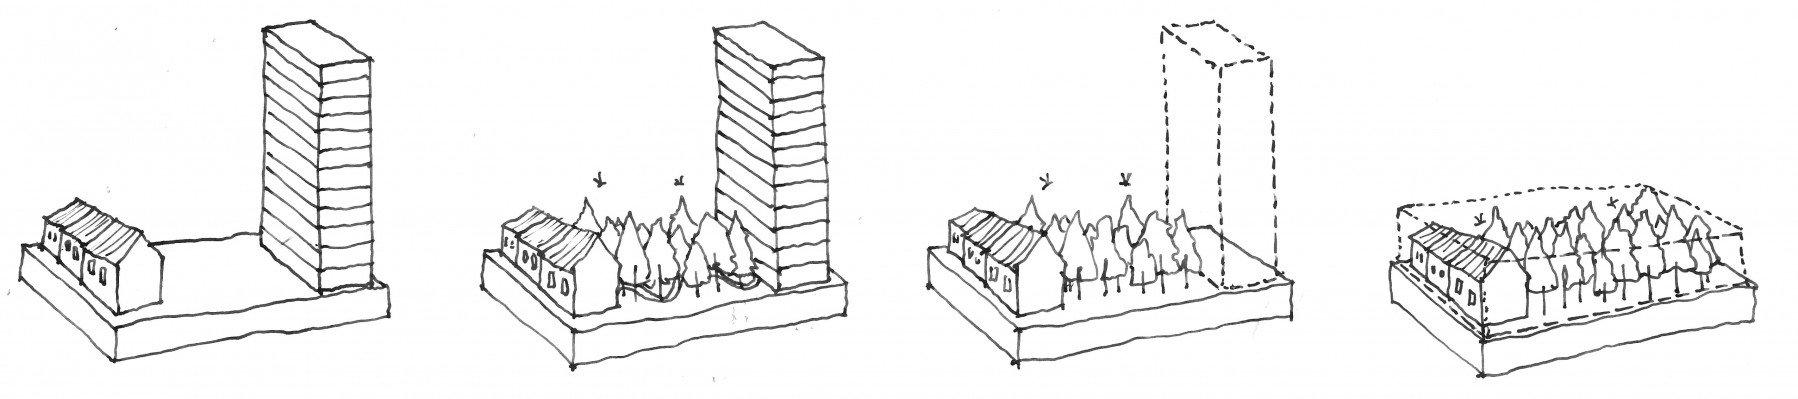 concept_diagram_rgb